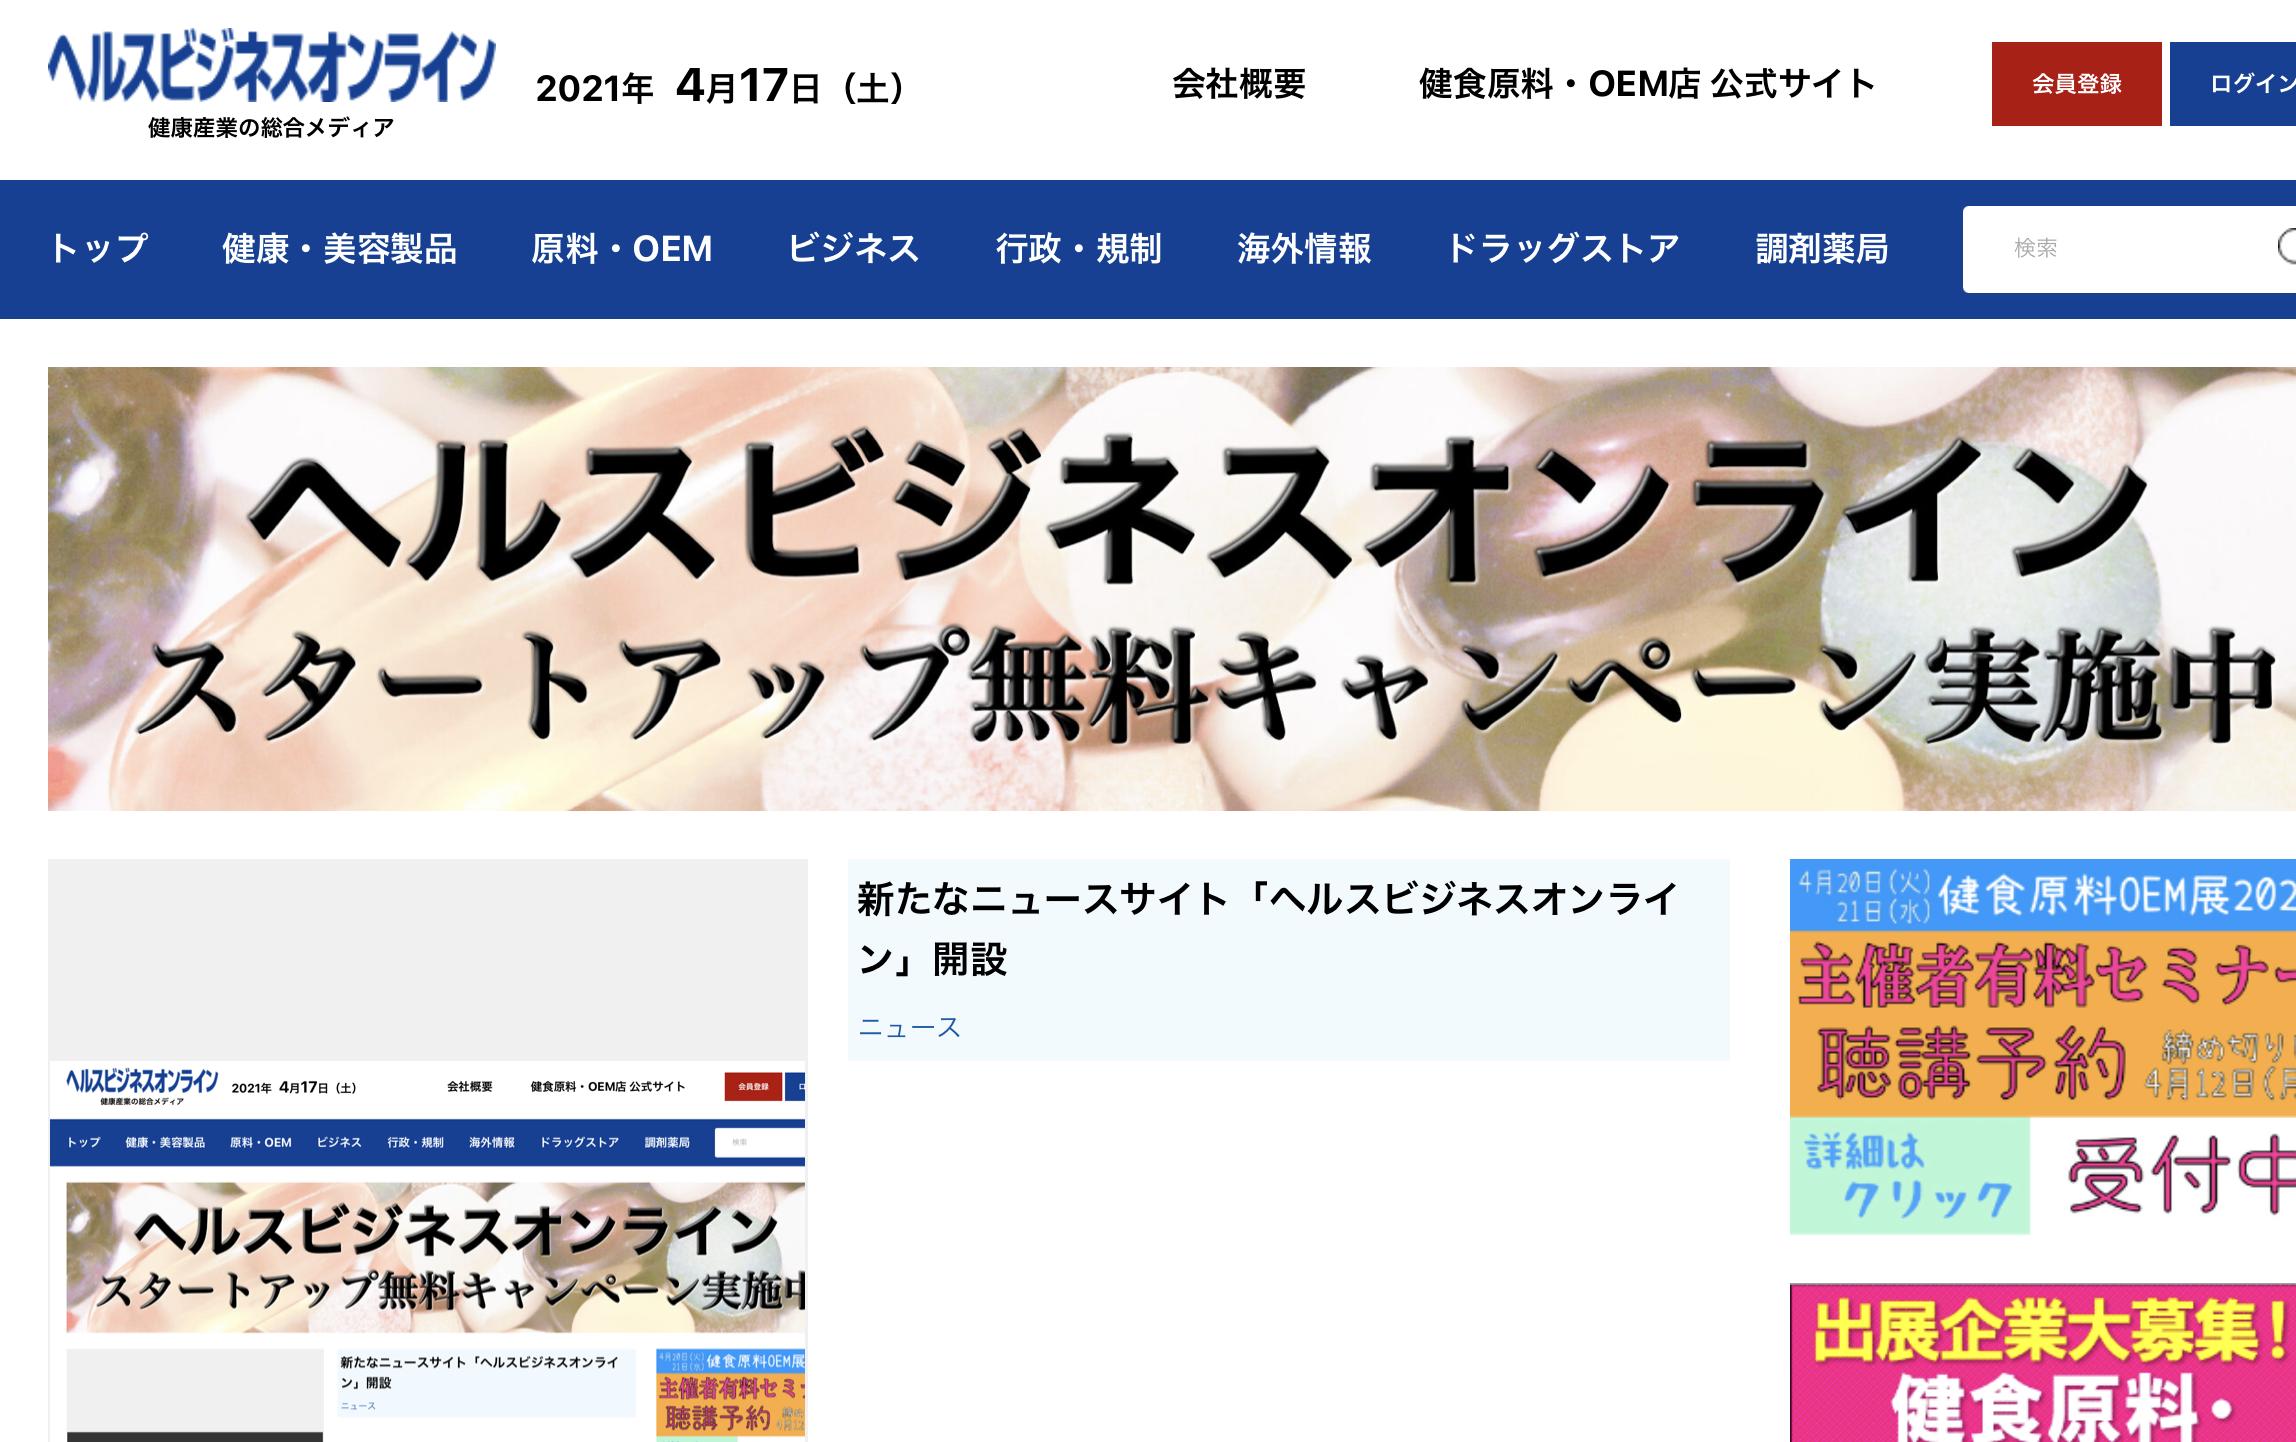 新たなニュースサイト「ヘルスビジネスオンライン」開設